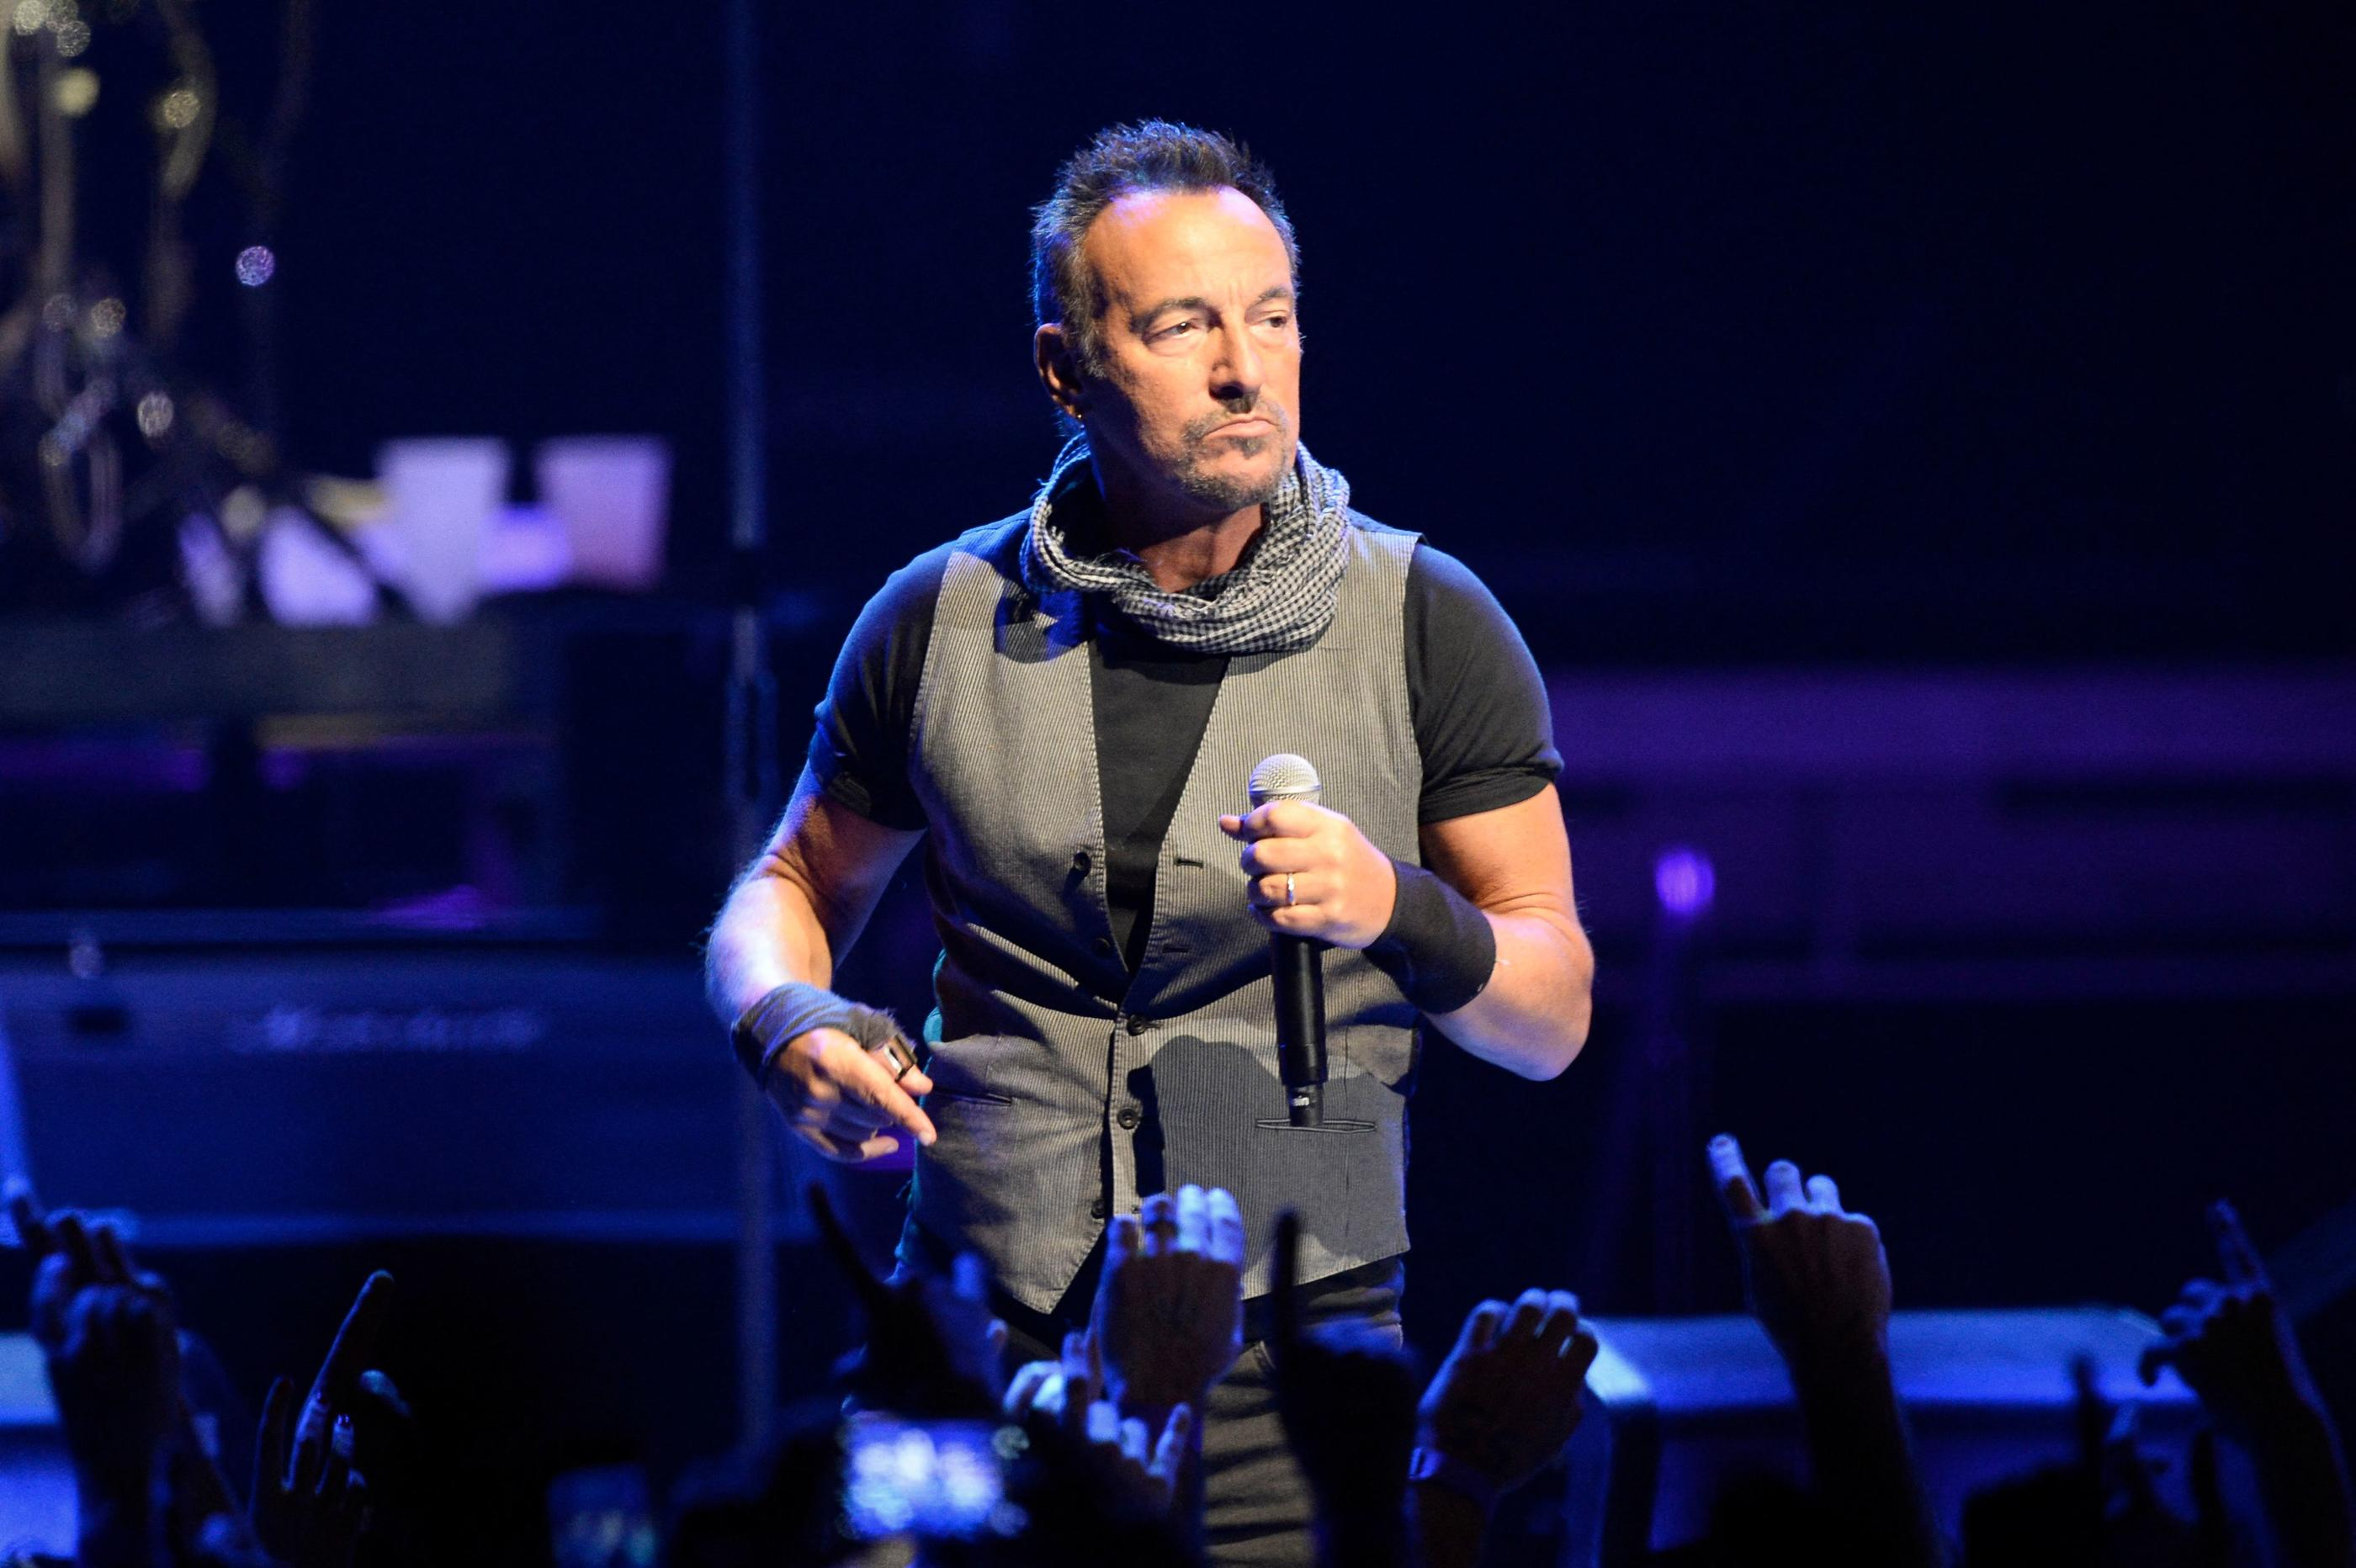 Bruce Springsteen condamné à 540 dollars d'amende pour avoir bu de la tequila dans un parc américain